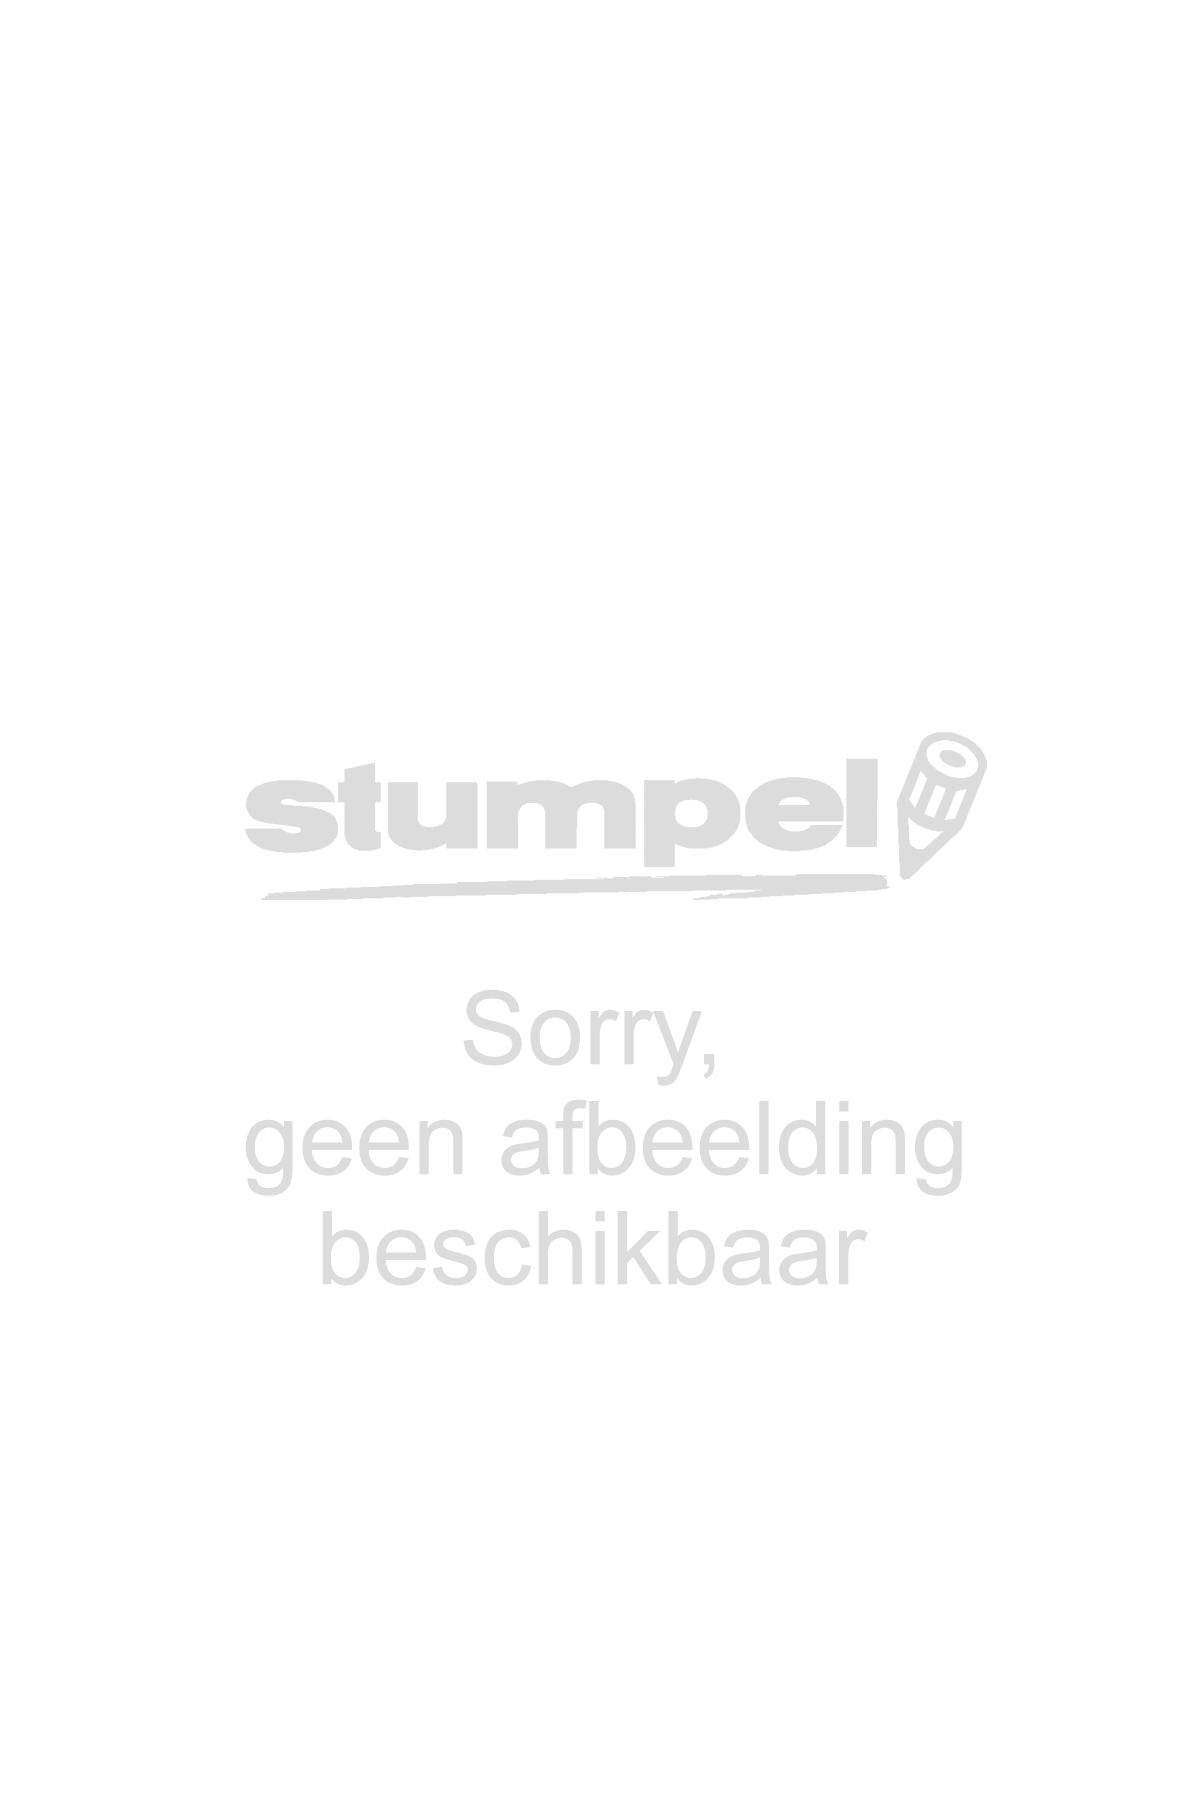 markeerstift-schneider-150-universeel-blauw-635153